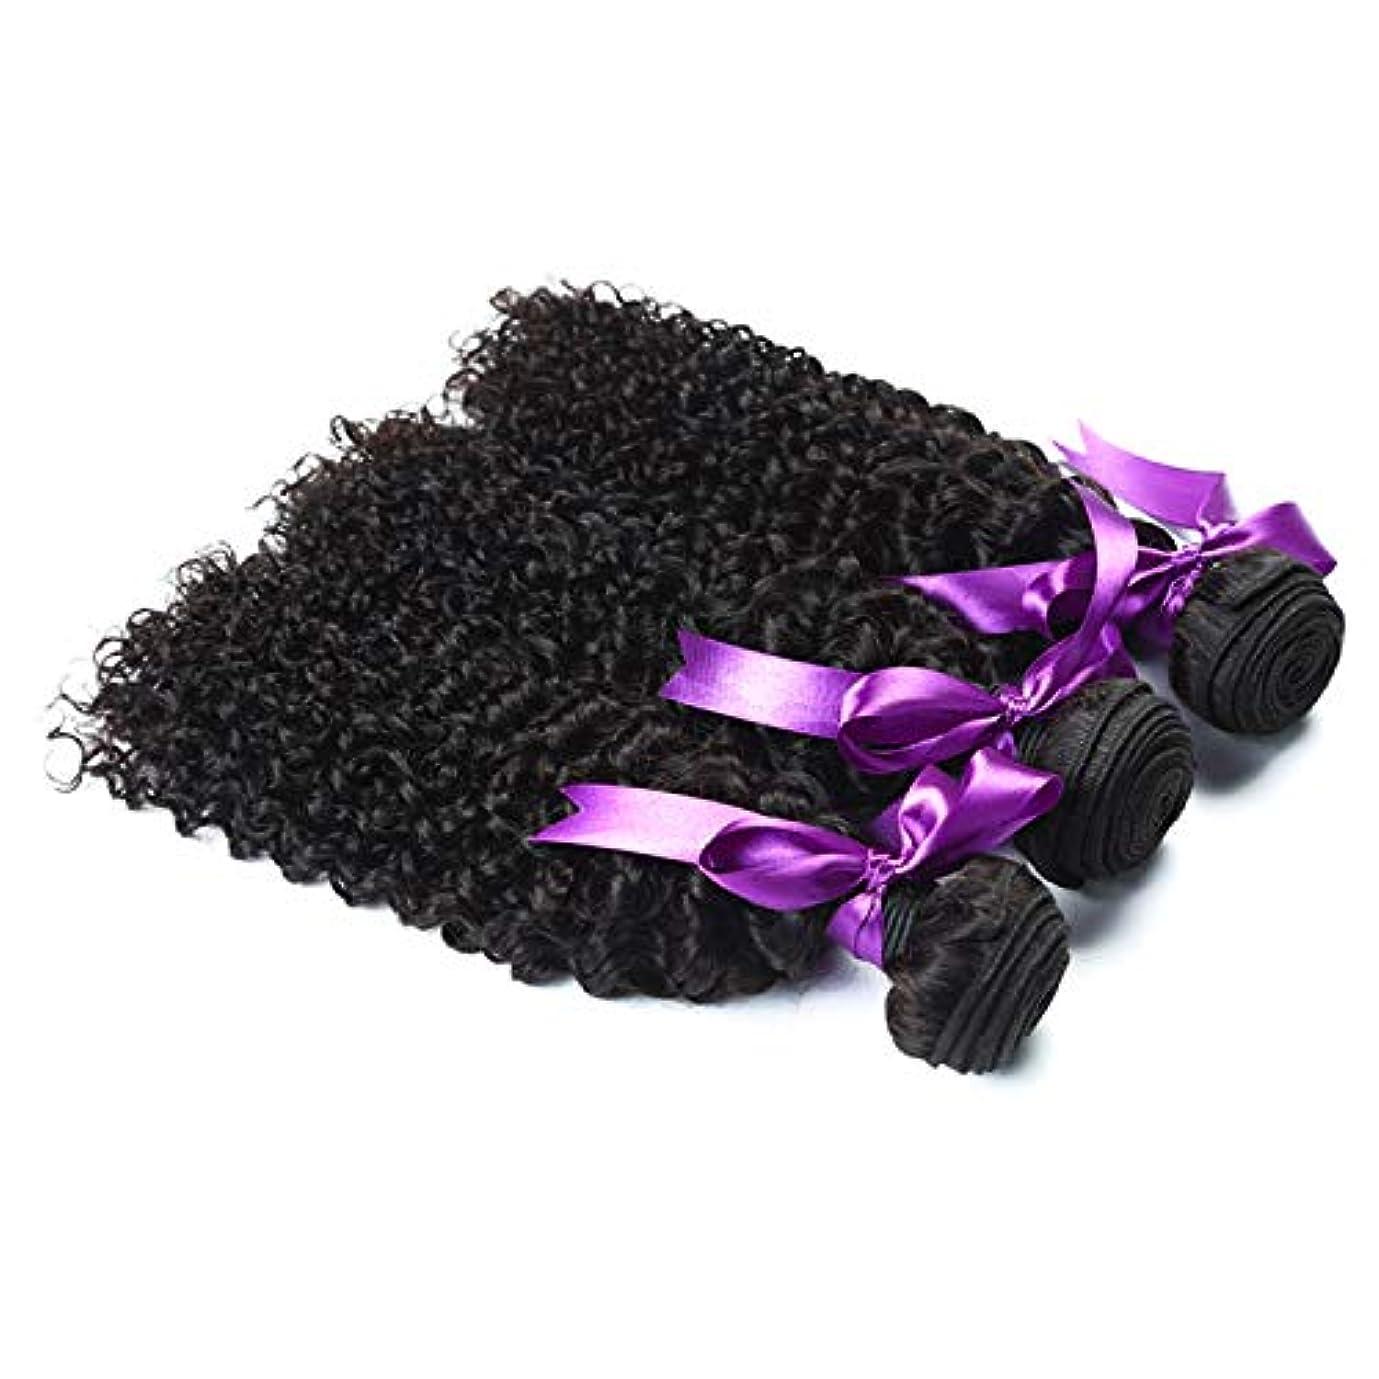 桁食事鼓舞するかつら マレーシアの変態巻き毛3束お得な価格非Remy人間の髪織りエクステンションナチュラルブラック人間の髪の毛のかつら (Length : 8 10 12)